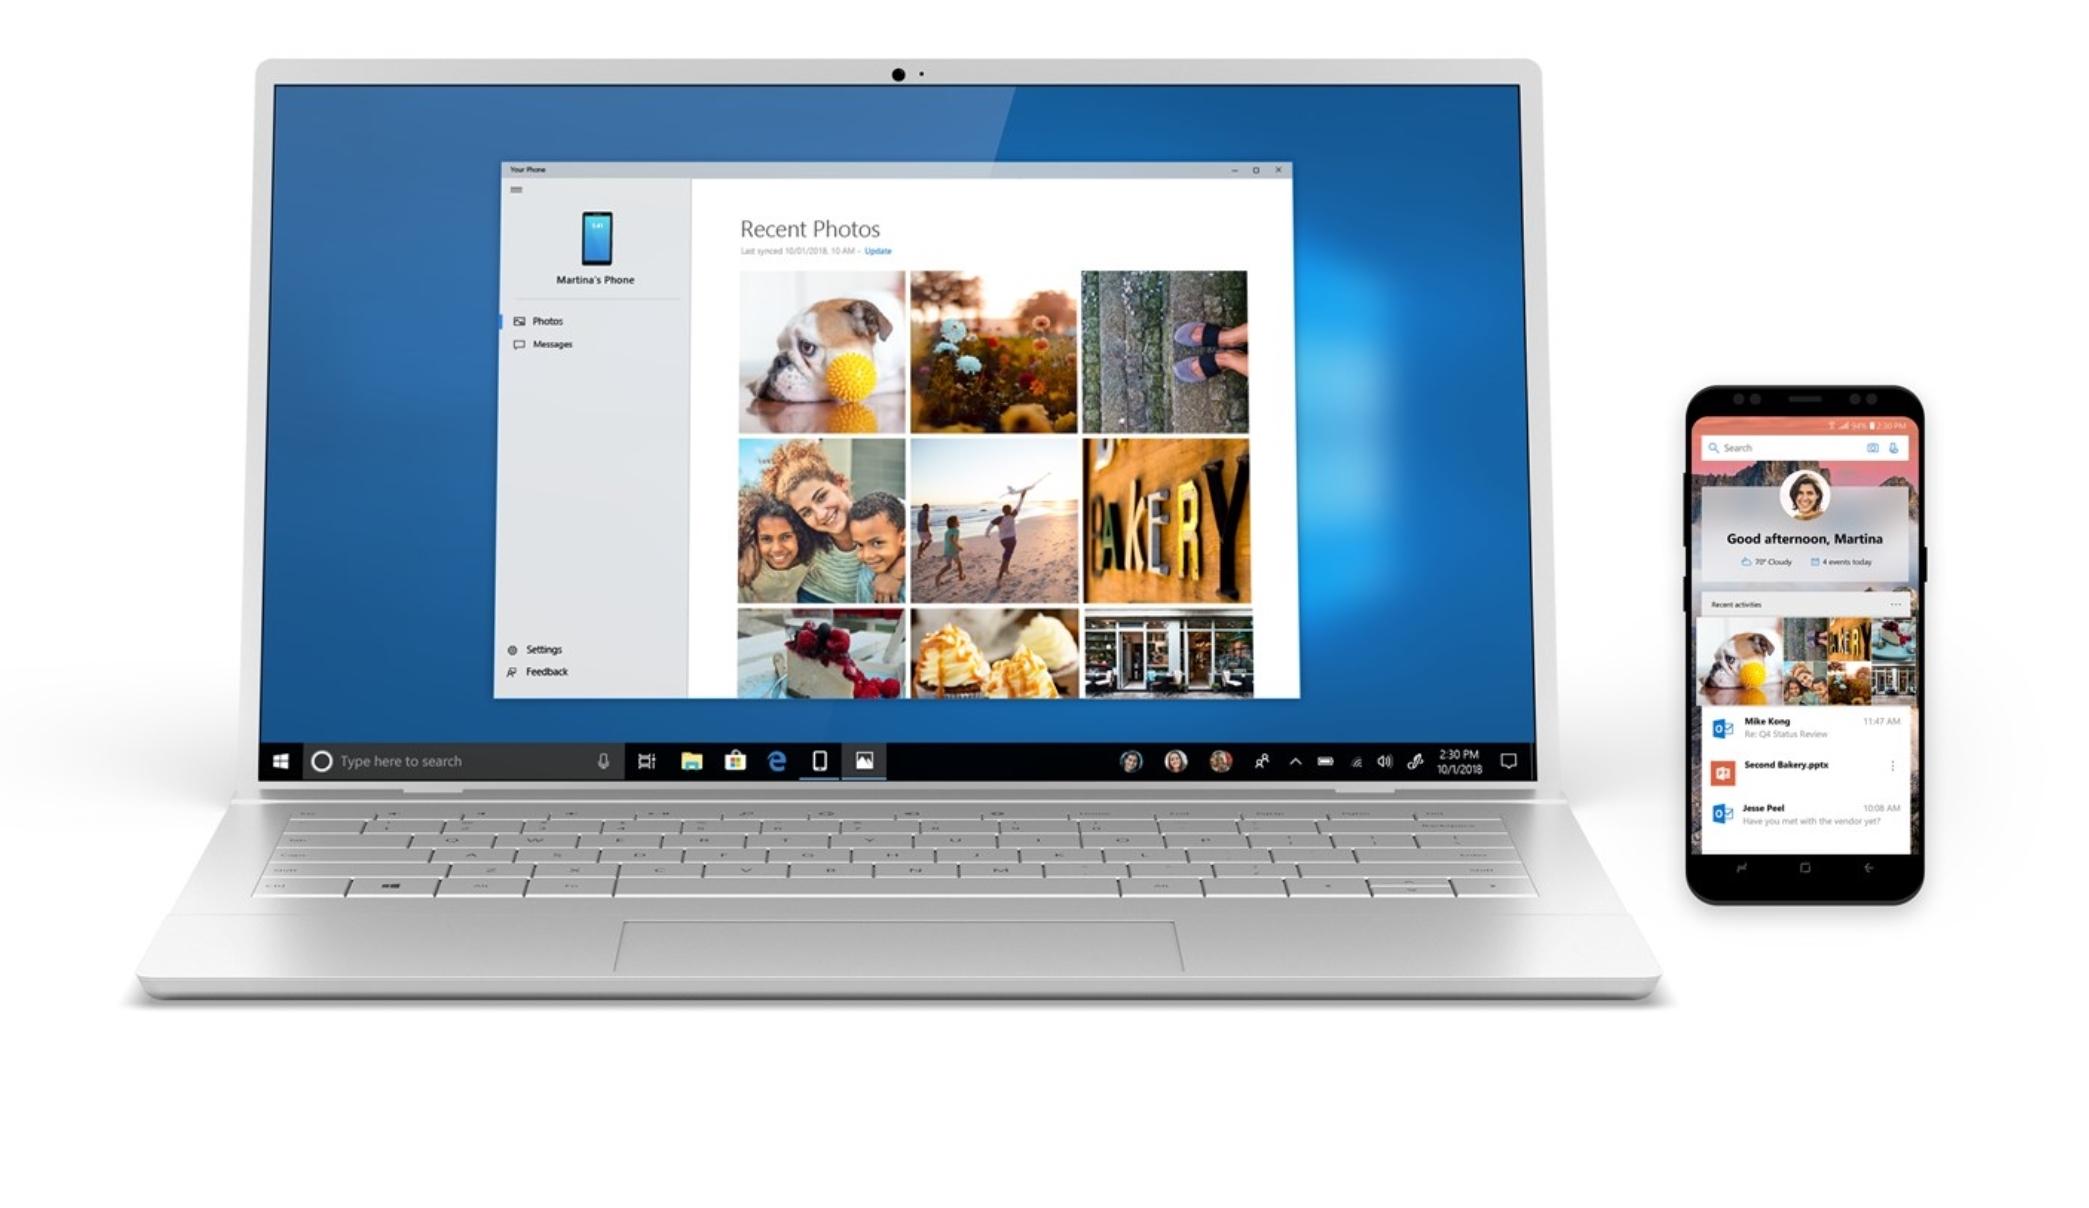 Nå er Your Phone lansert til Windows 10